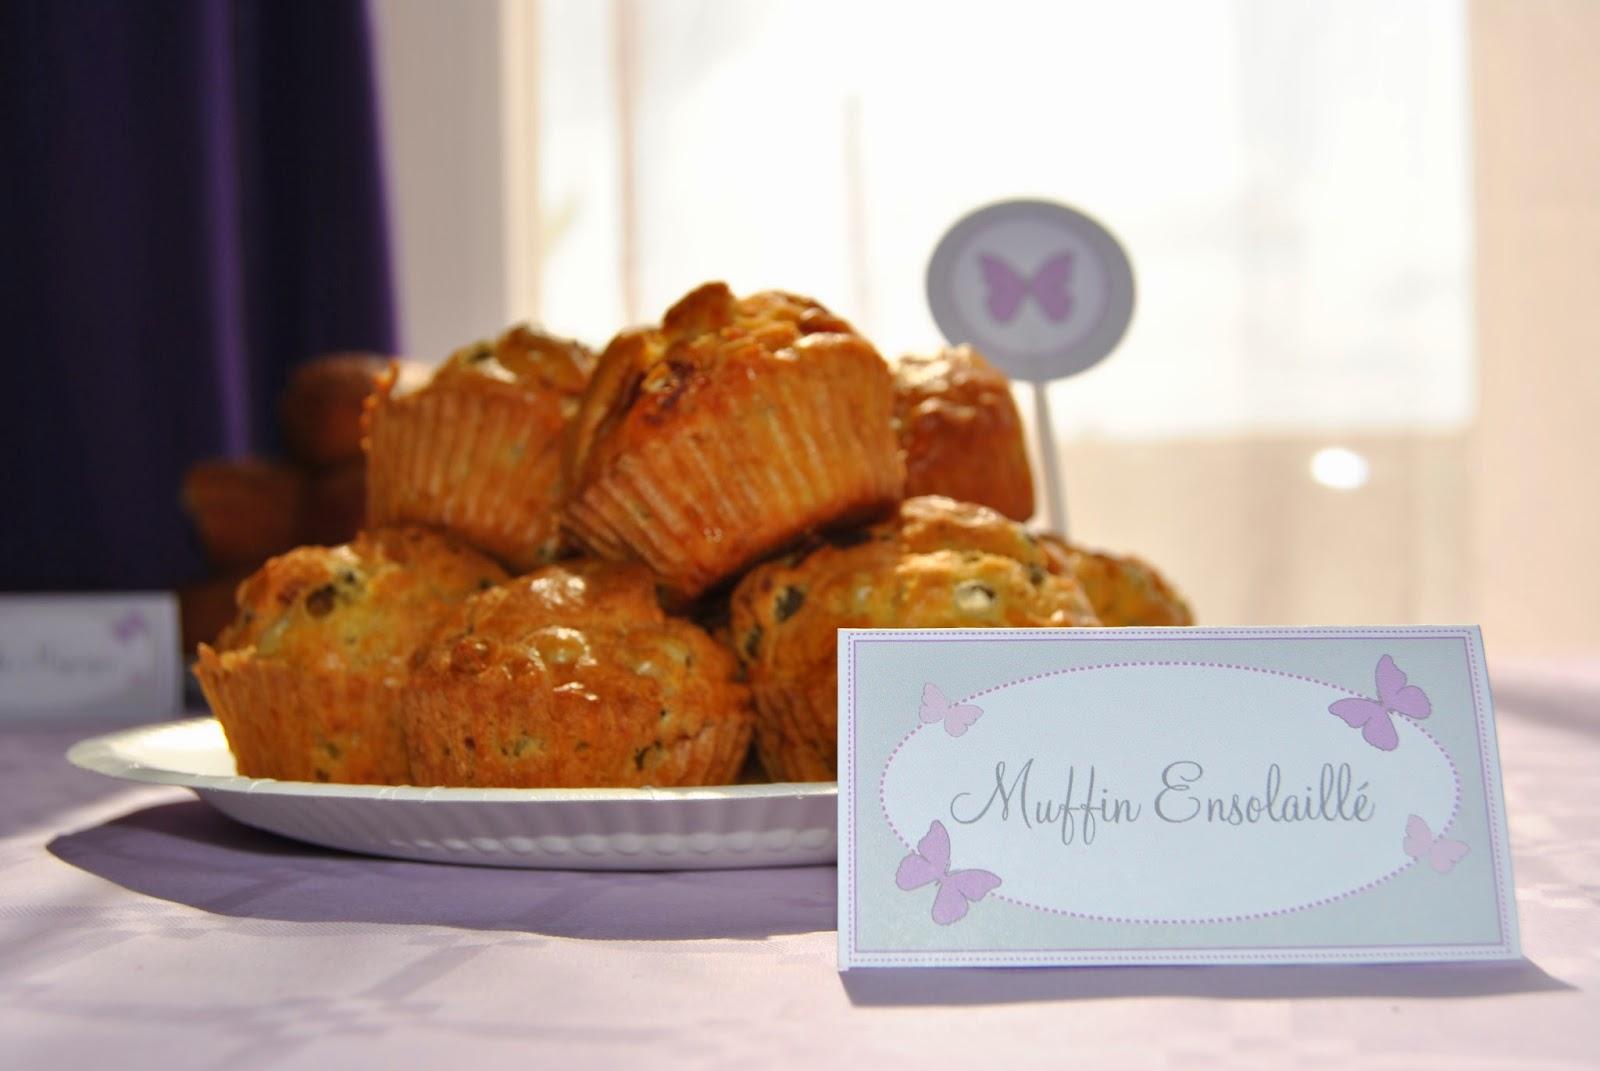 muffins speciaux decores au theme papillon